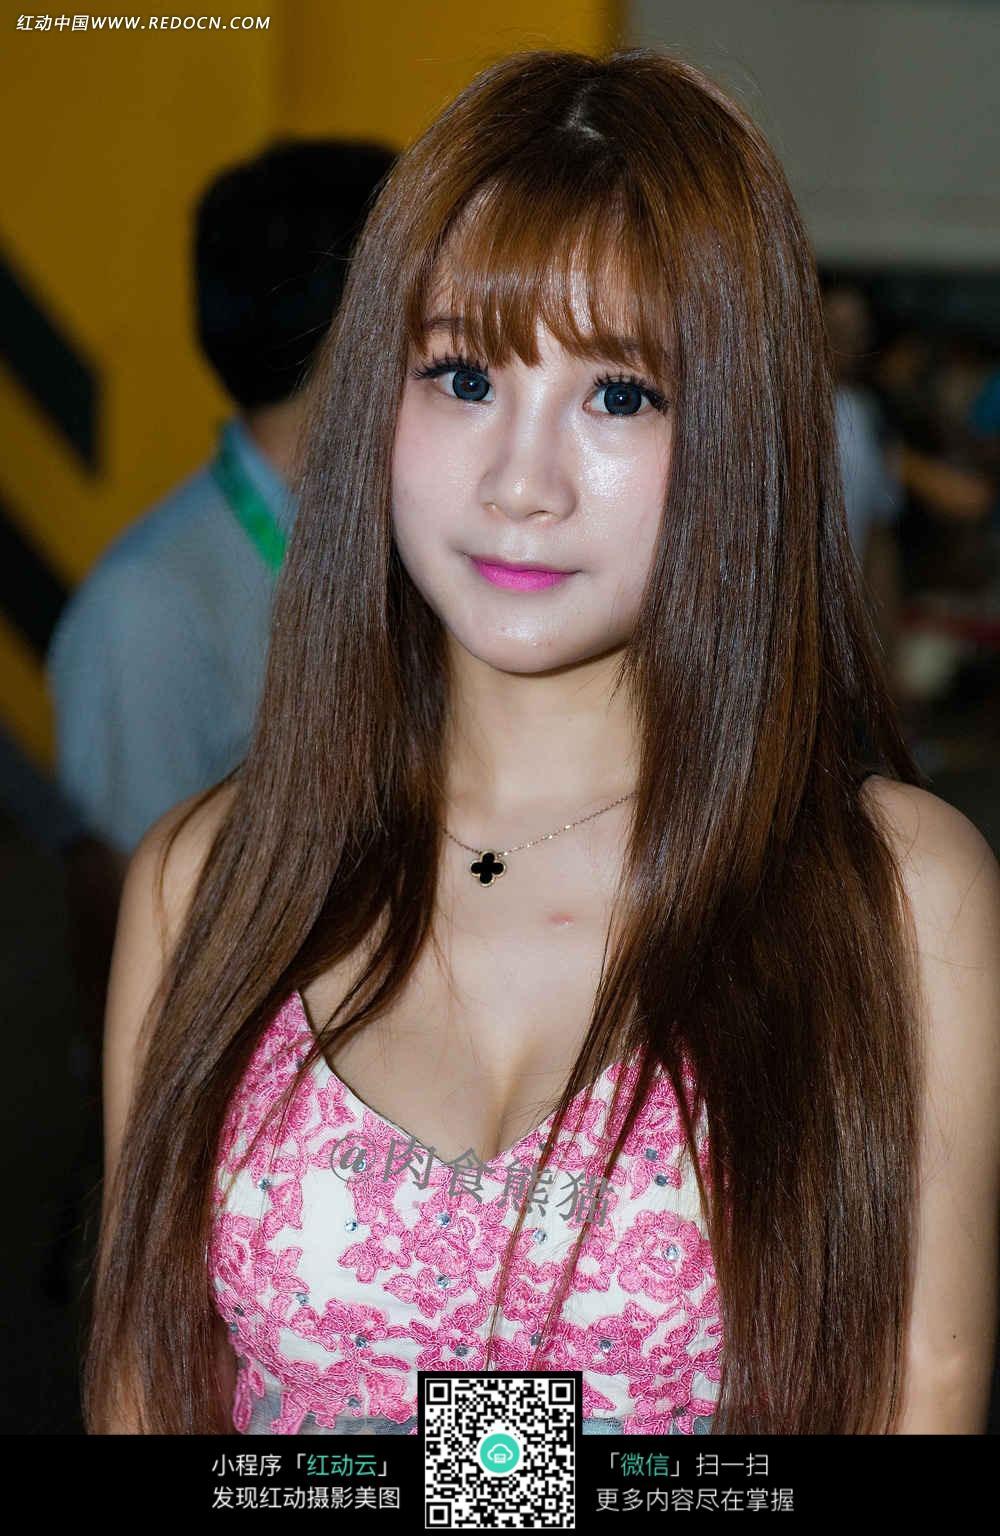 平刘海的娃娃脸美女图片